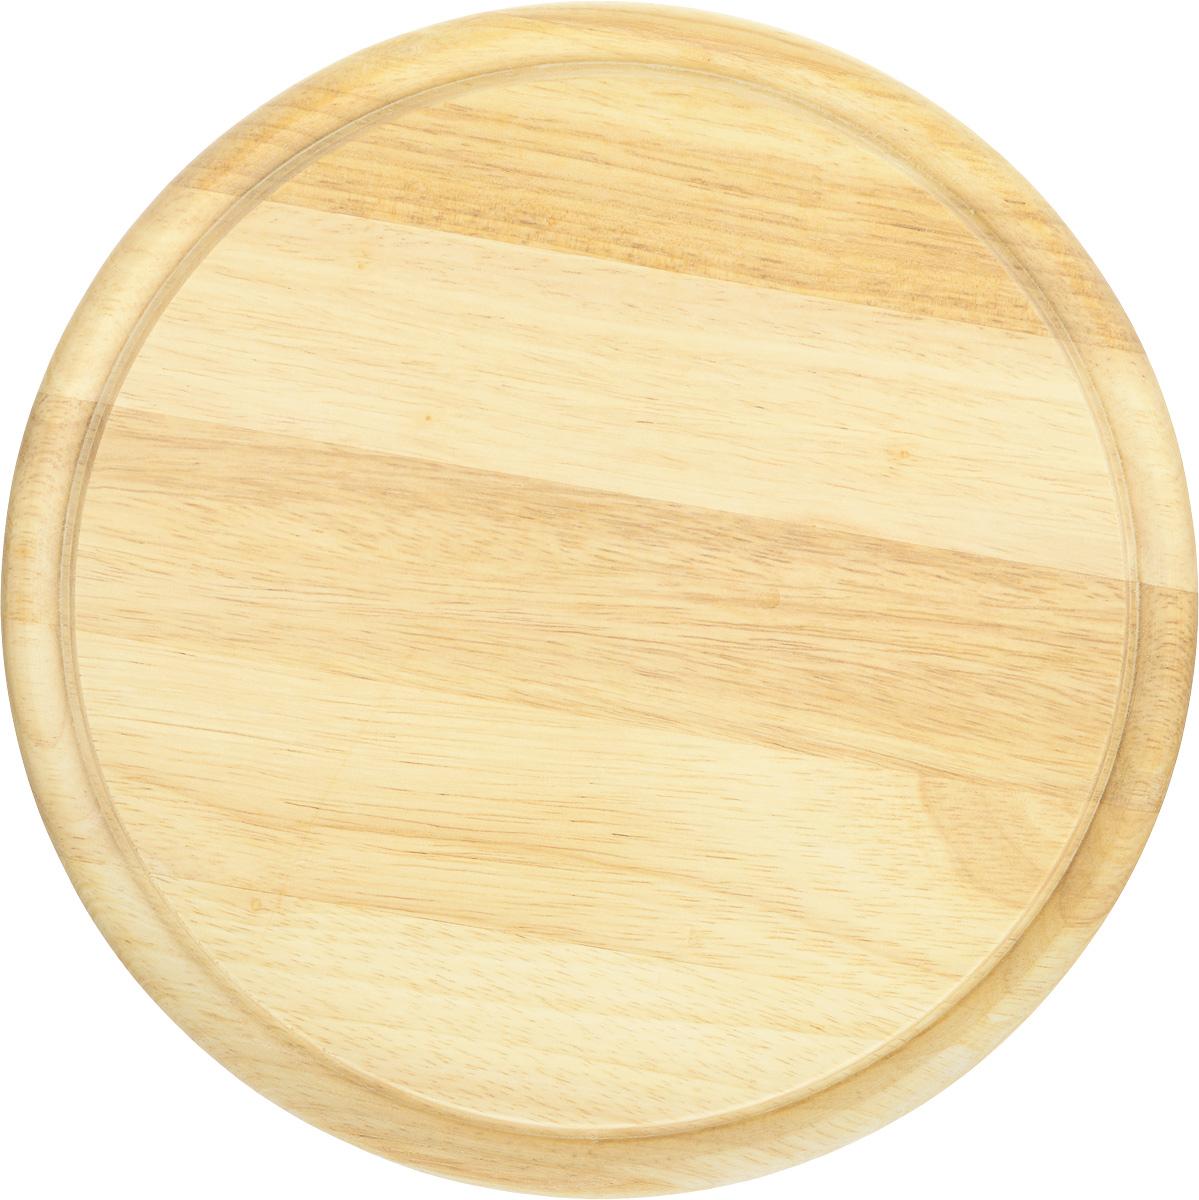 Доска разделочная Kesper, диаметр 25 см6044-2Разделочная доска Kesper изготовлена из прочного высококачественного дерева. Изделие имеет круглую форму. Специальное покрытие предотвращает впитывание влаги, благодаря чему доска не рассыхается. Выемки по краю обеспечивают сток жидкости. Деревянные разделочные доски имеют массу преимуществ: они долговечны, не затупляют ножи, экологически чистые, безопасны для пищевых продуктов. Практичная и качественная доска станет неизменным помощником в приготовлении ваших любимых блюд.